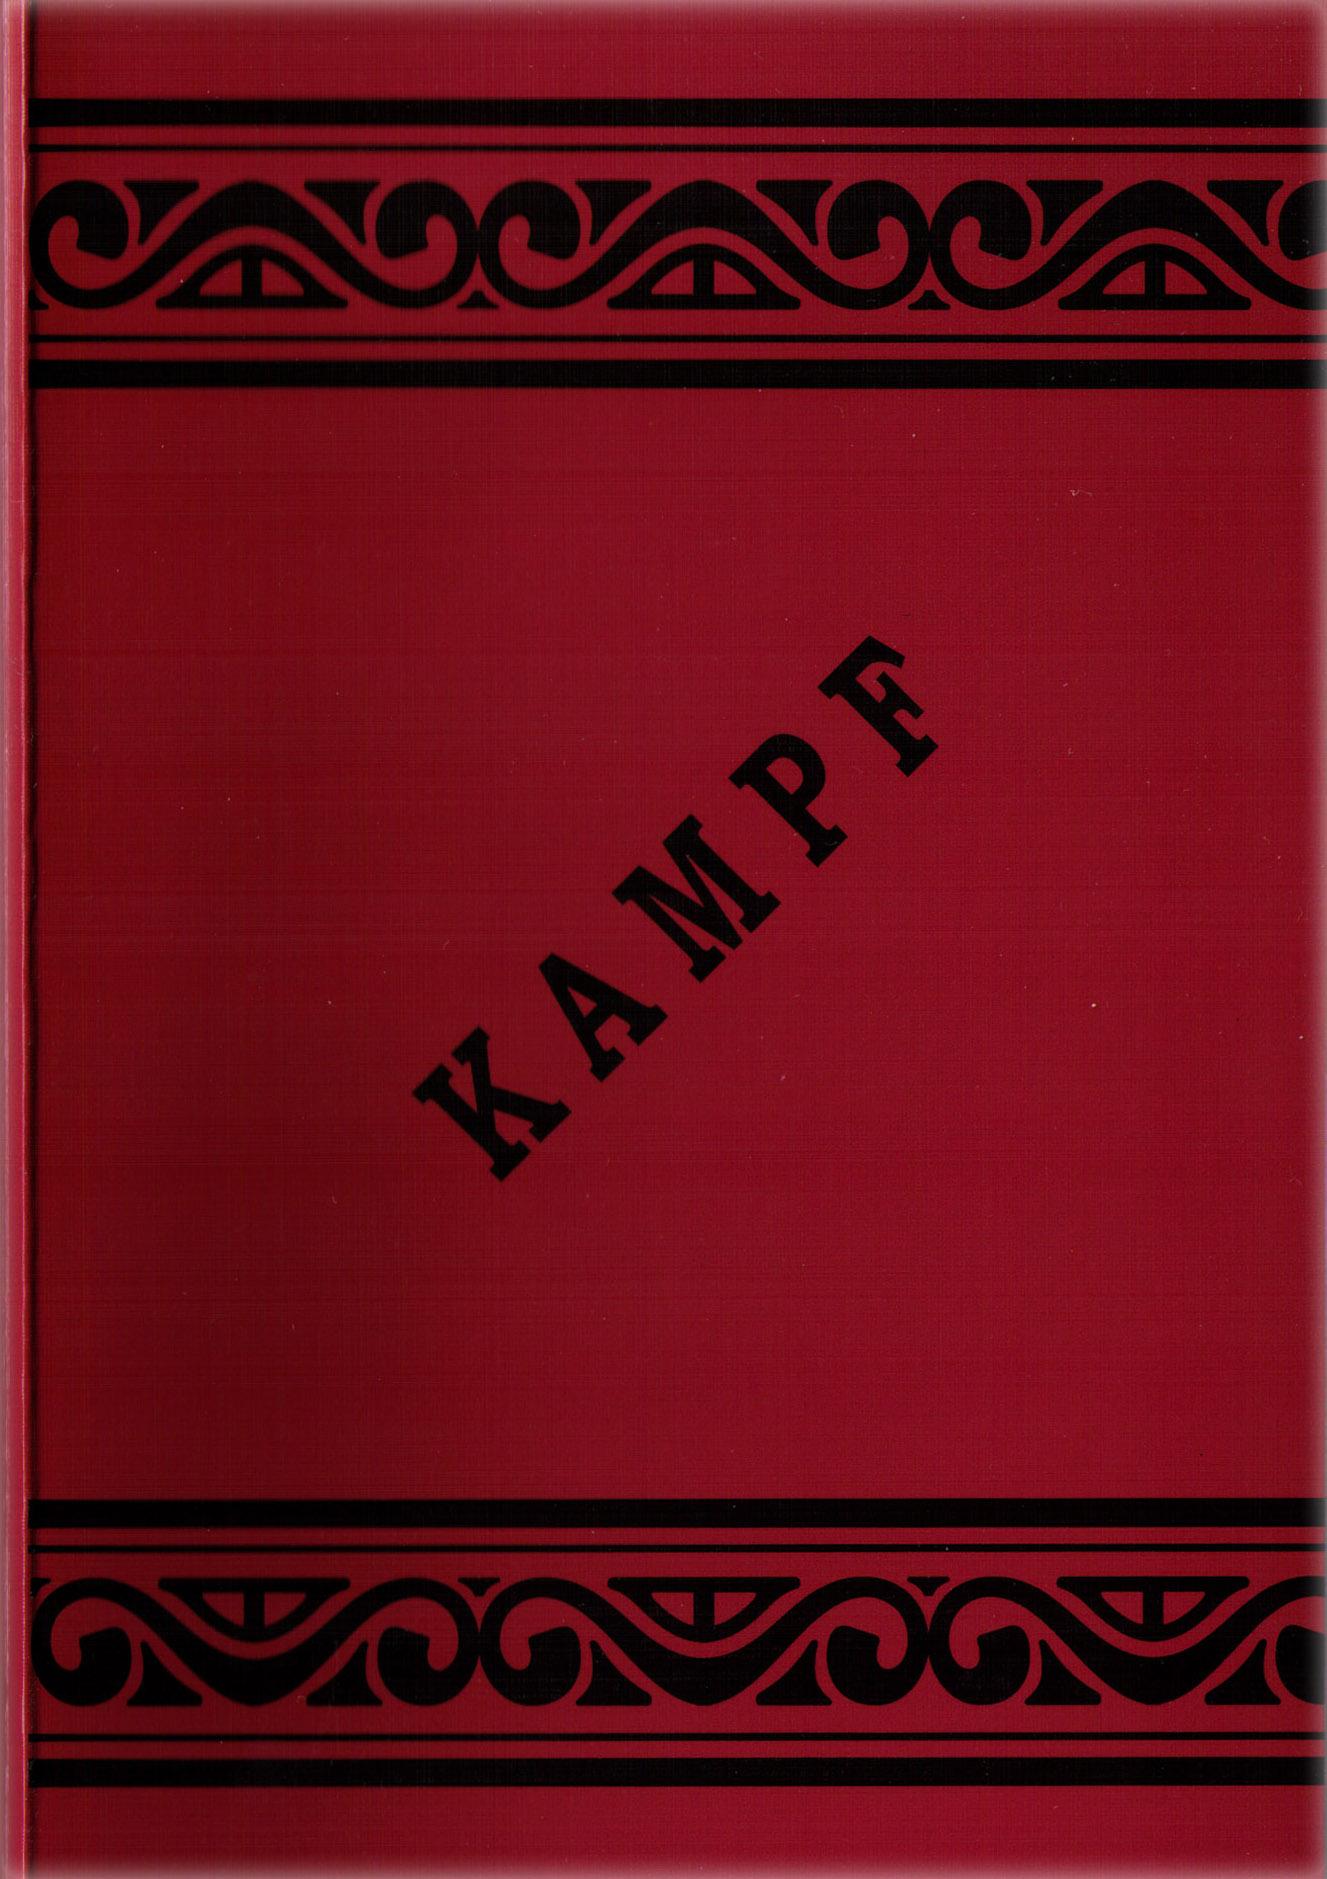 Emanuel Lasker - Kampf